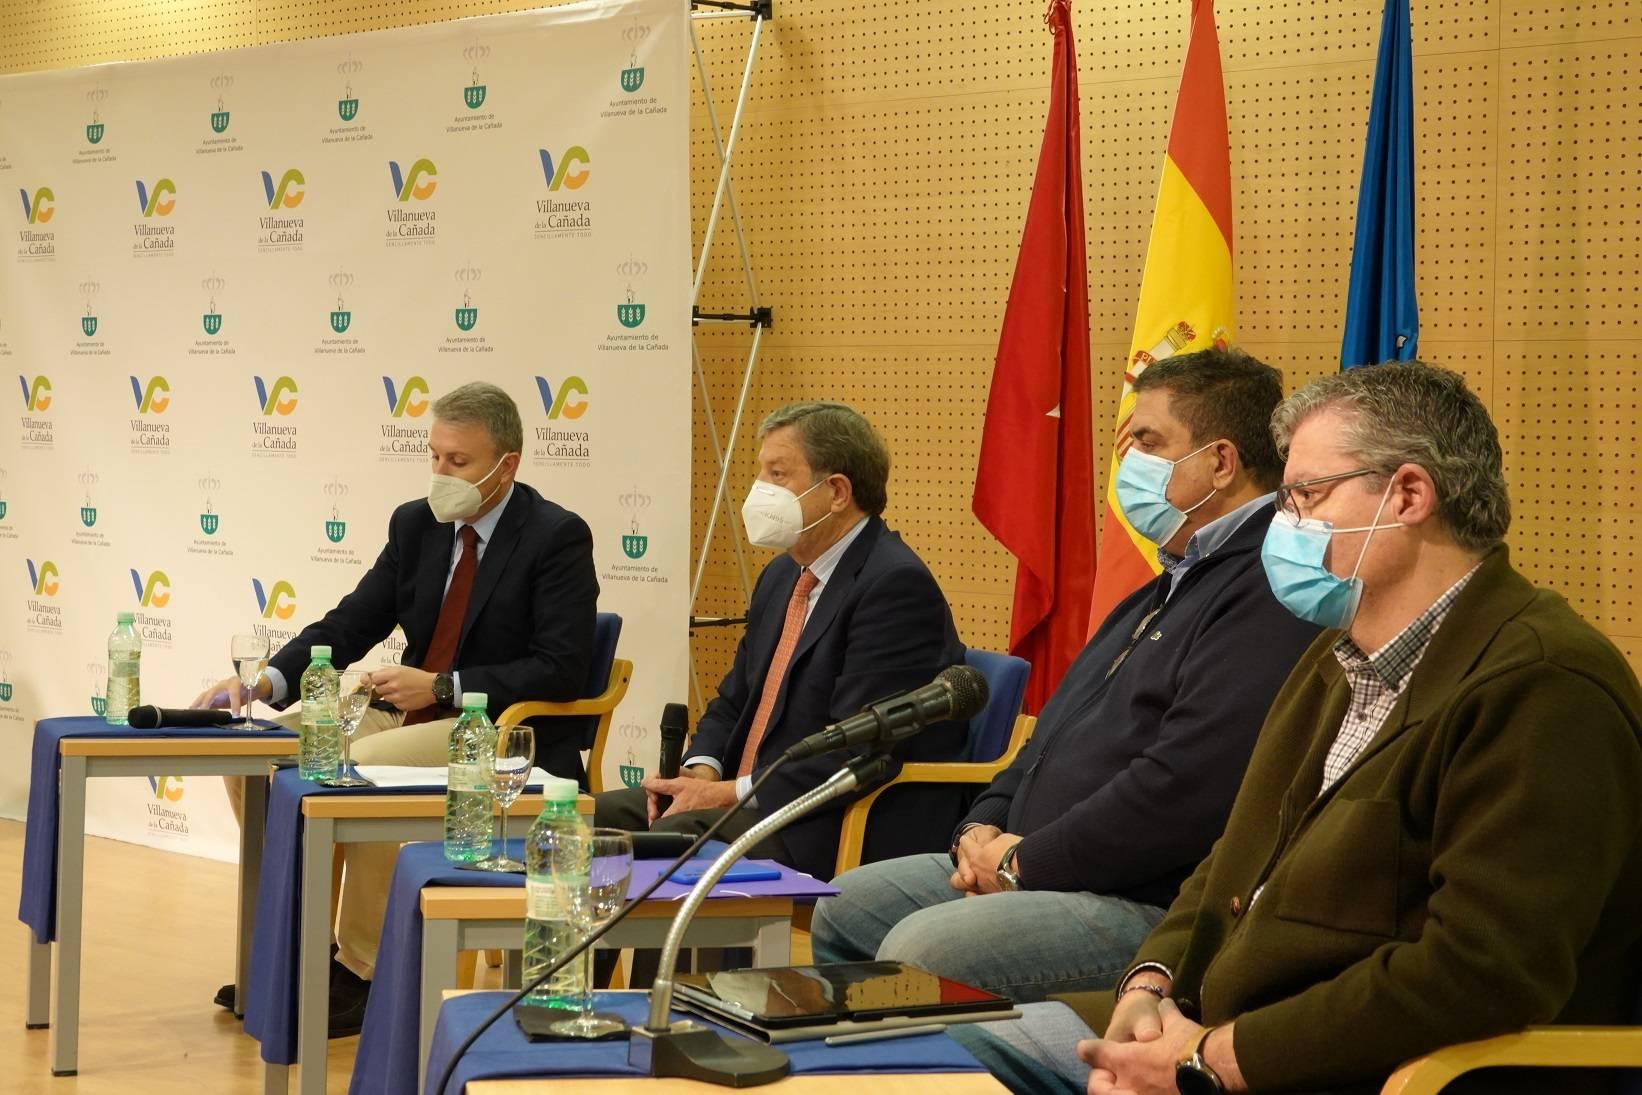 El alcalde, Luis Partida, acompañado por sus homólogos de Brunete, Quijorna y Villanueva del Pardillo.